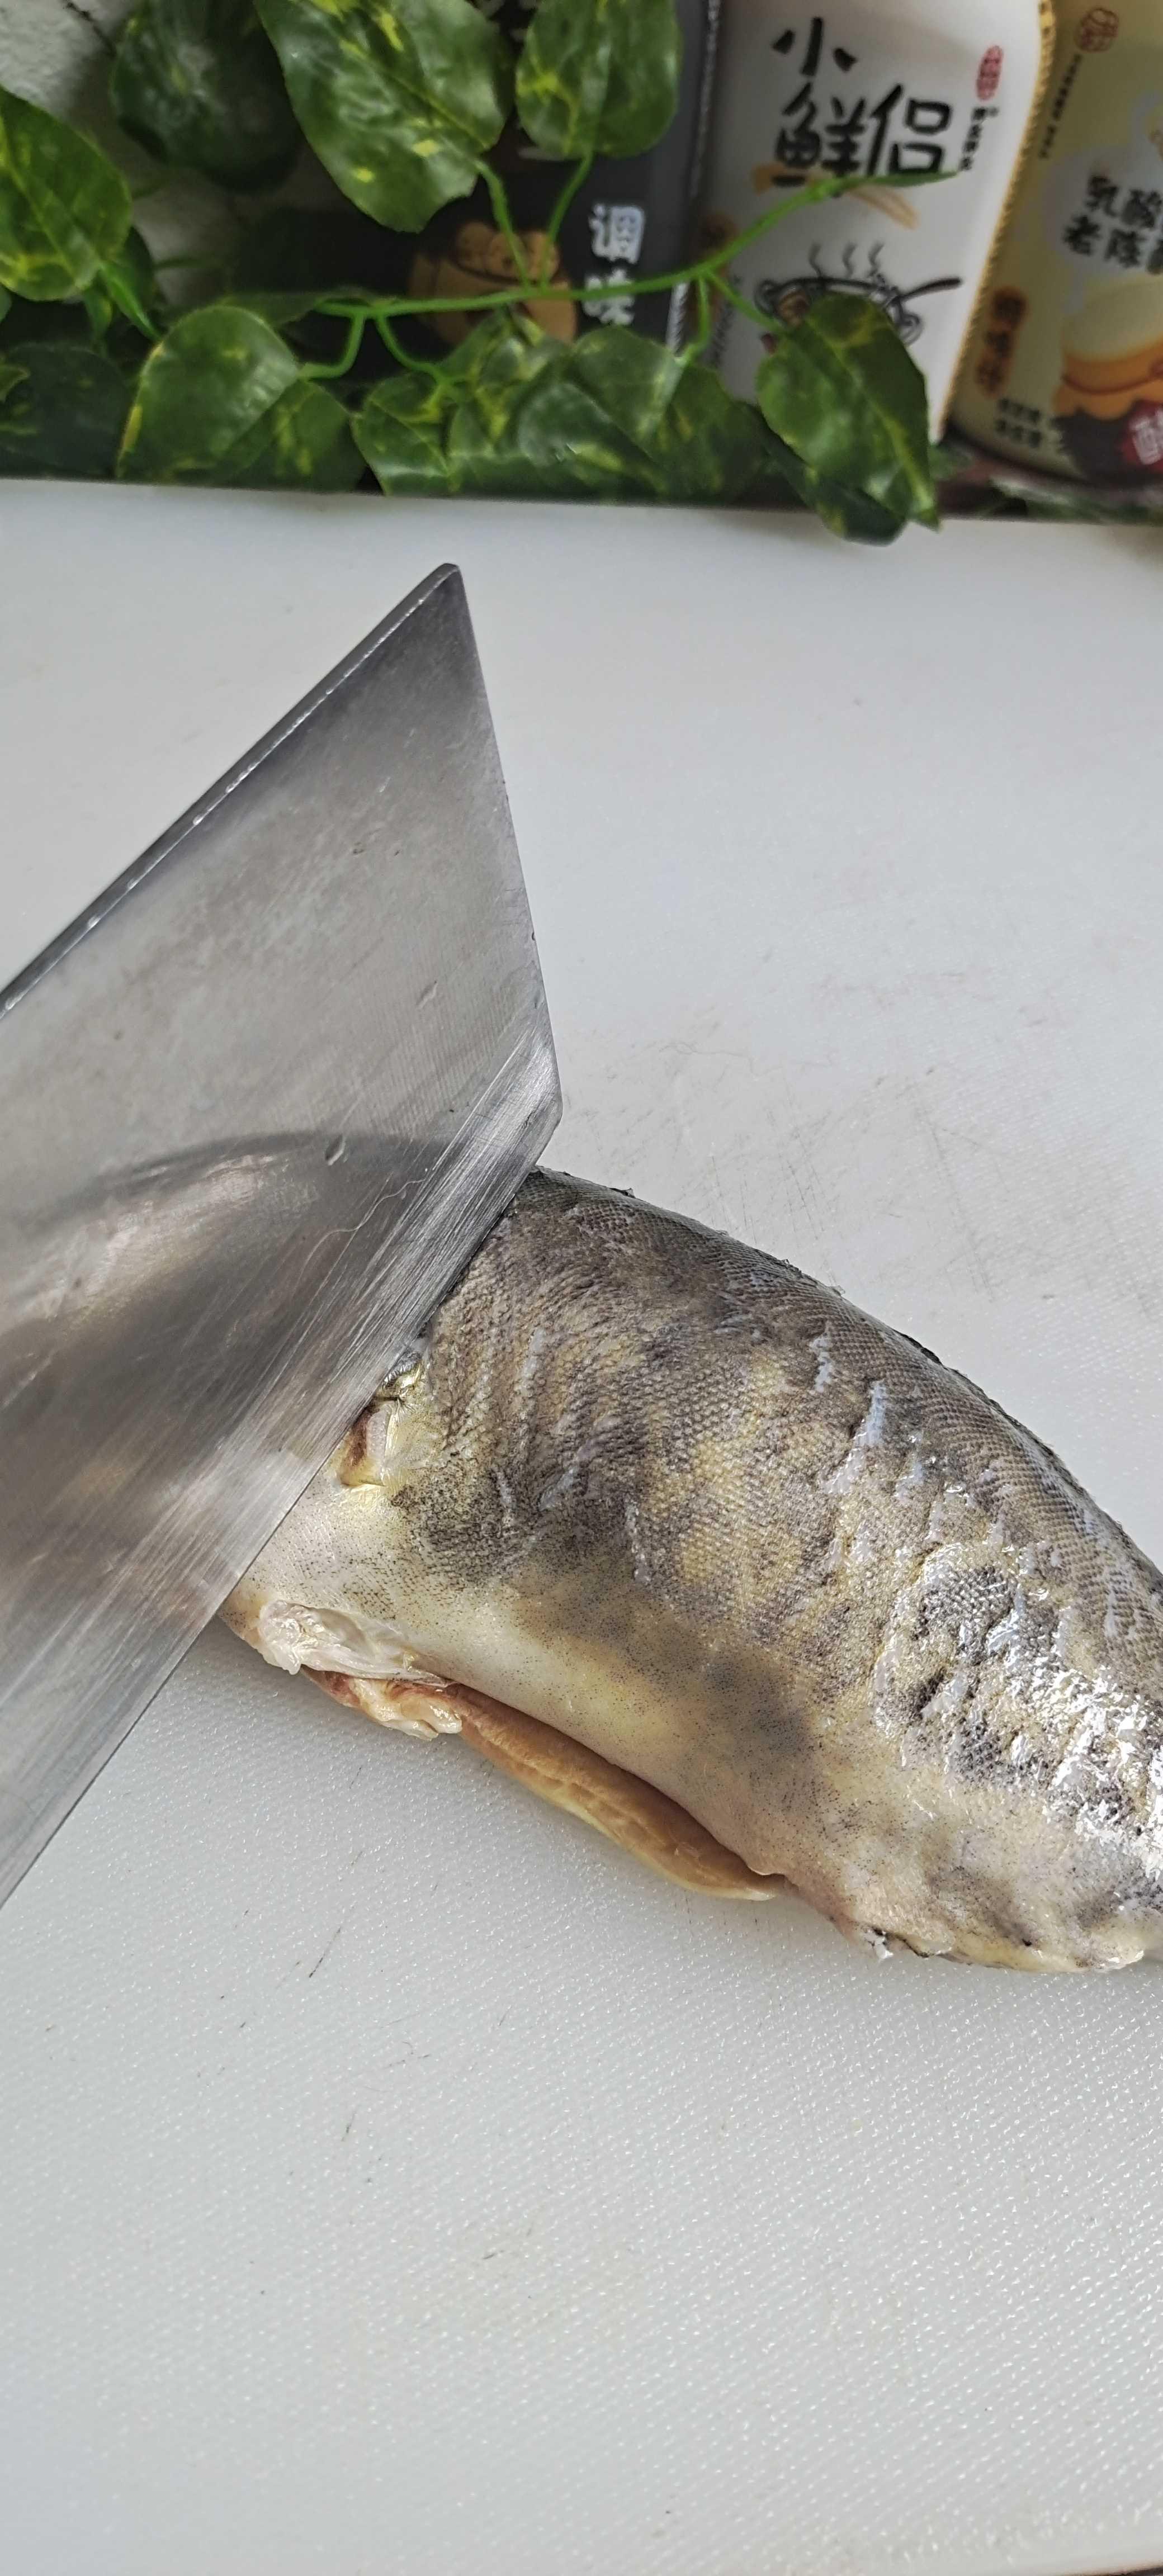 新年餐桌这样做鱼,红红火火…蒜蓉剁椒蒸鳜鱼的做法图解